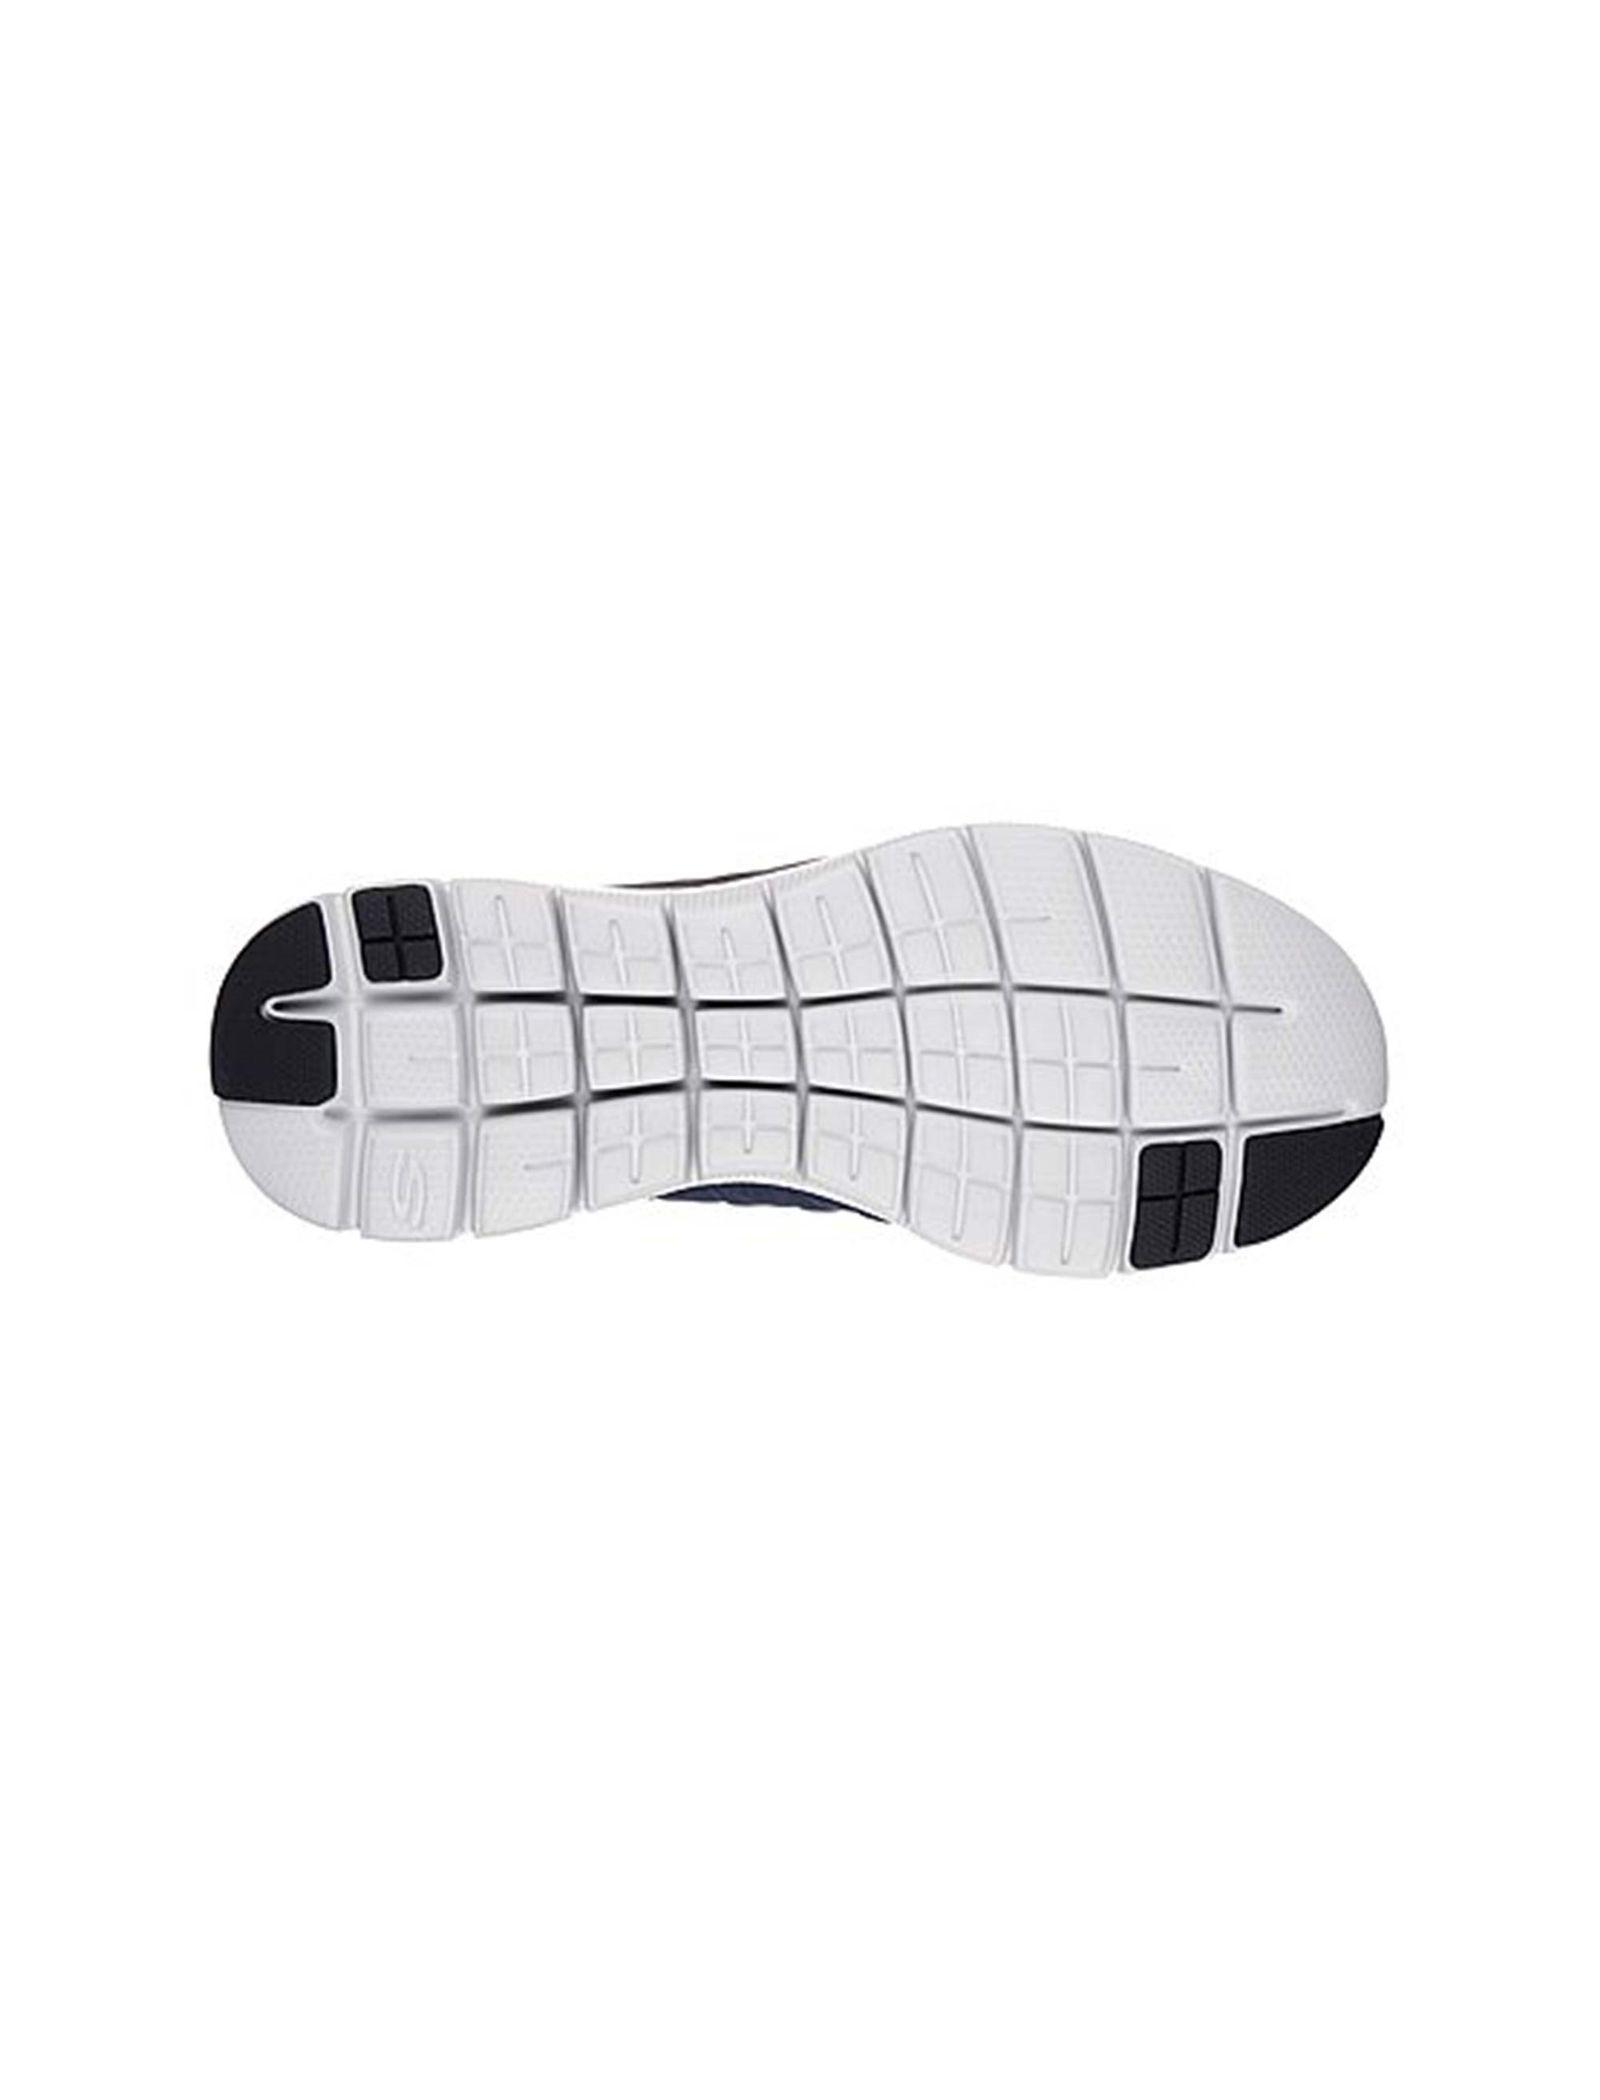 کفش تمرین بندی مردانه Flex Advantage 2-0 Chillston - اسکچرز - سرمه اي - 3